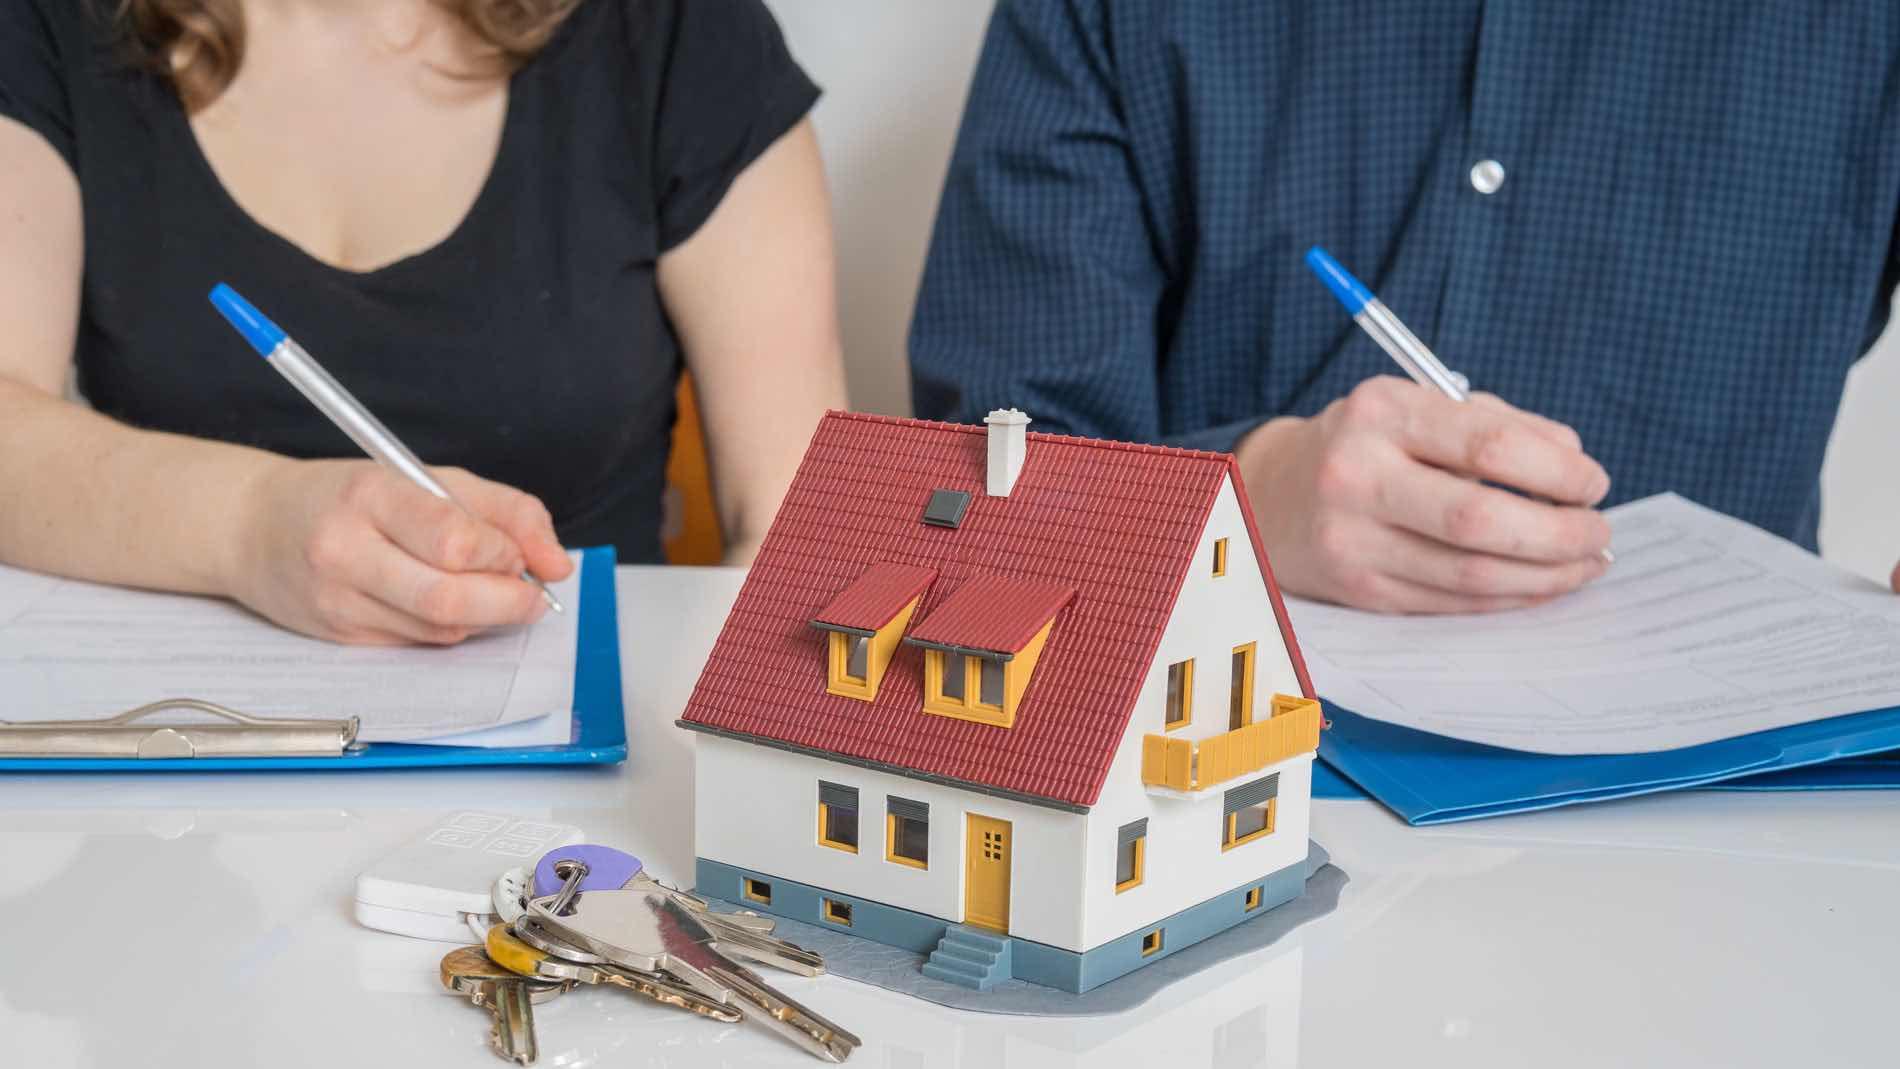 В Госдуме обсуждают новый закон о порядке раздела имущества при разводе